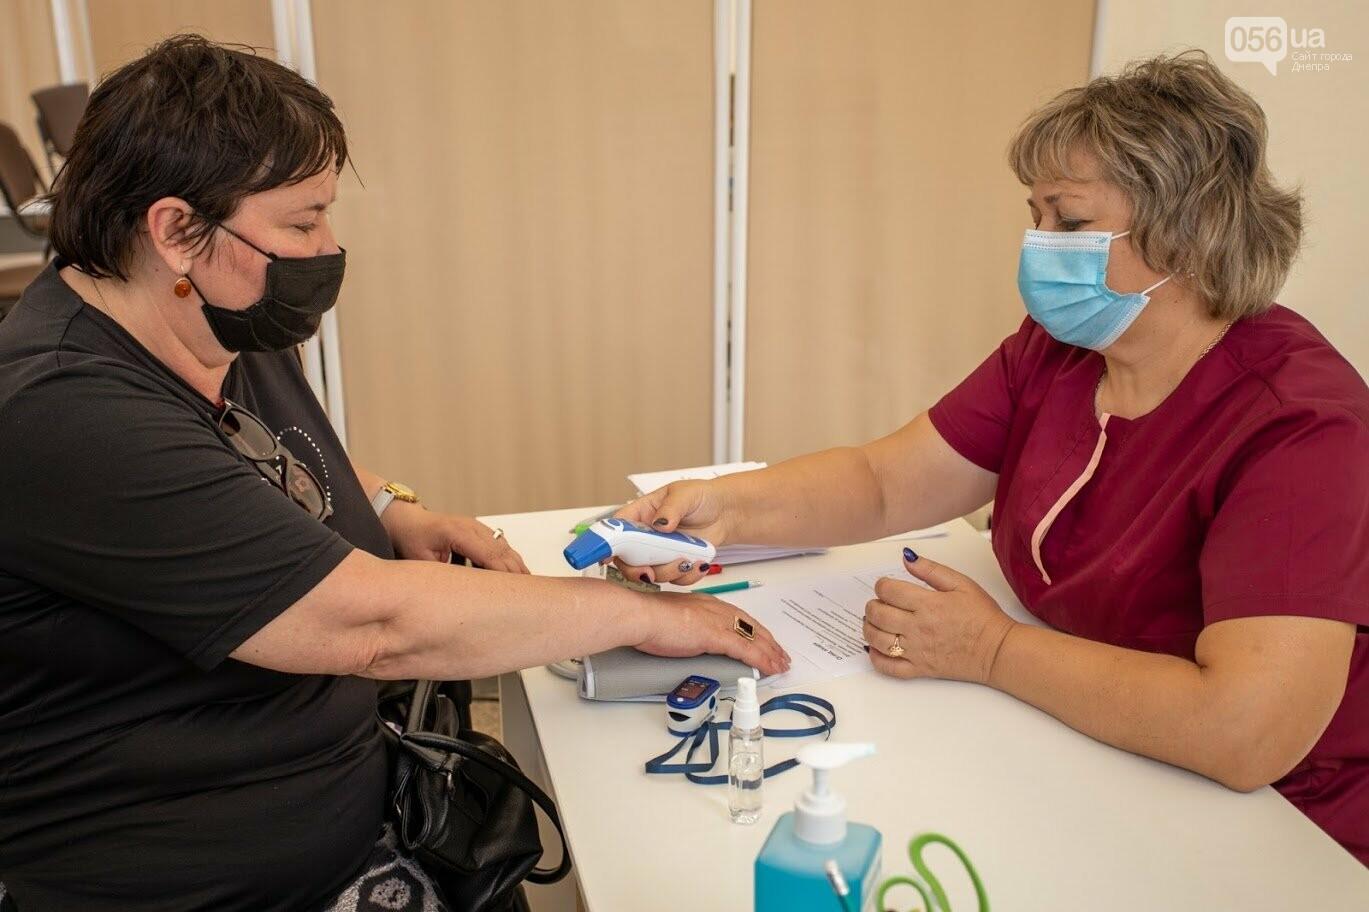 В Днепре открыли Областной центр вакцинации от COVID-19, - ФОТО, фото-7